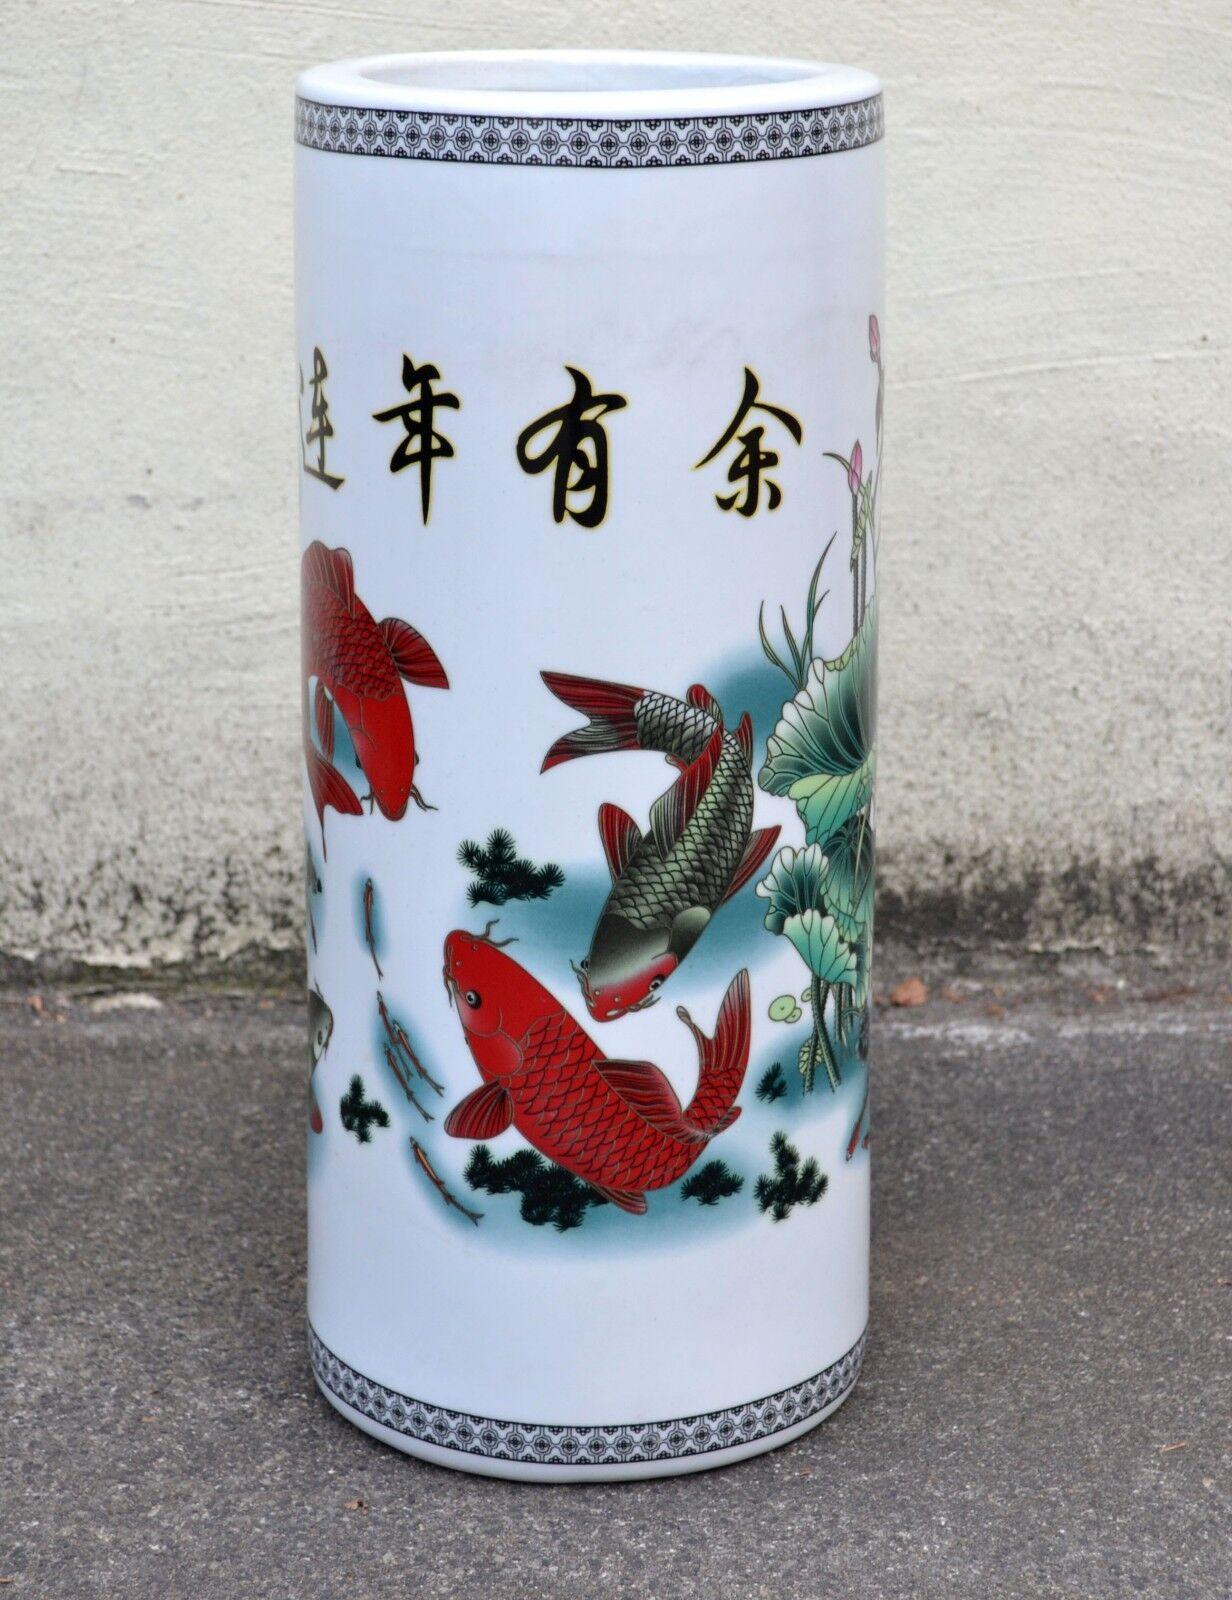 Chinesisch Möbel Asien Deko Deko Deko Schirmständer asiatische Regenschirmhalter Keramik 49df08